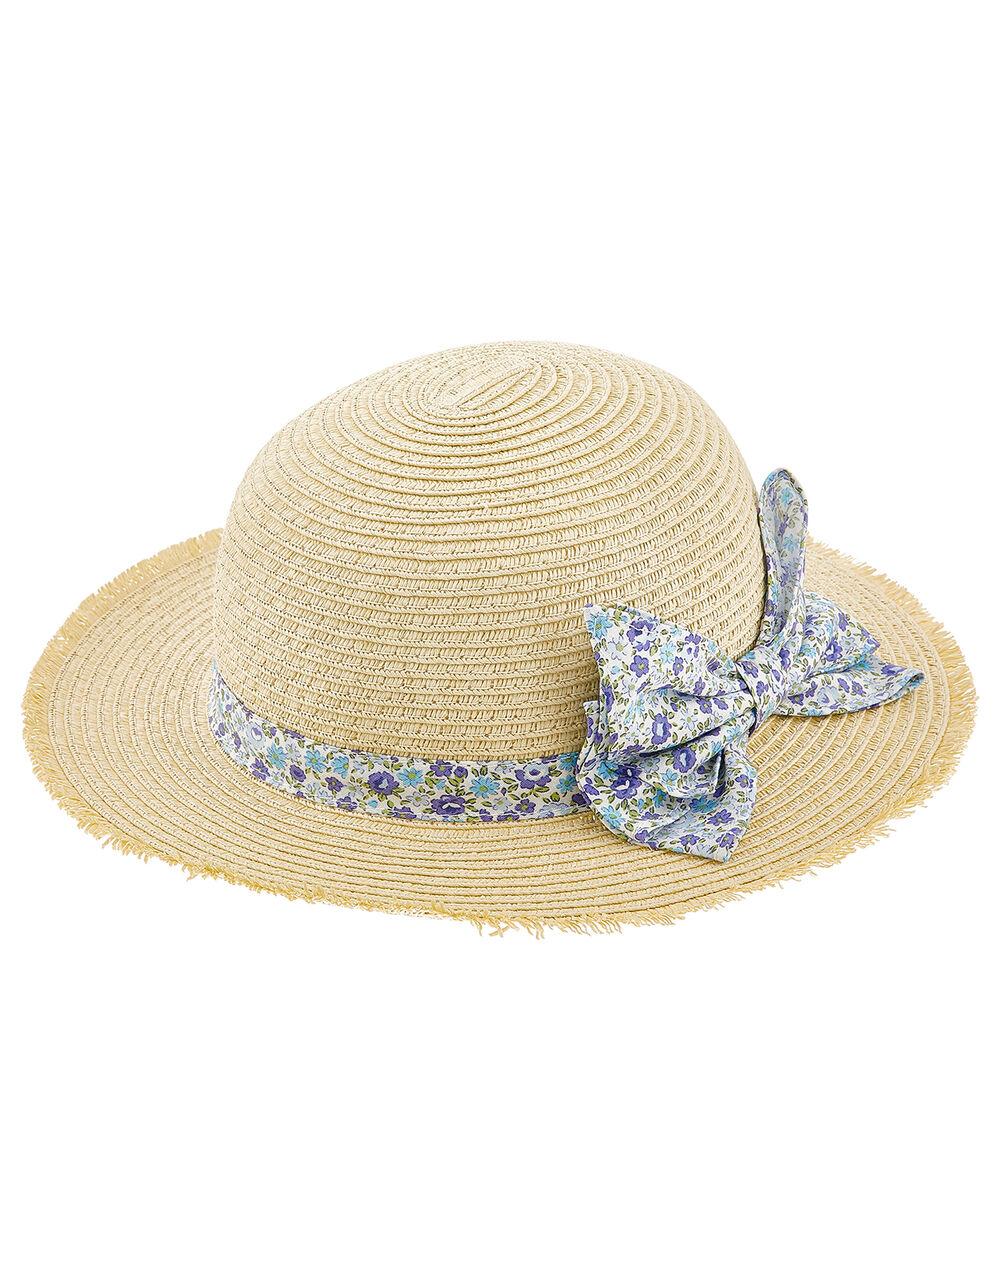 Baby Elsie Floral Bow Floppy Hat, Natural (NATURAL), large